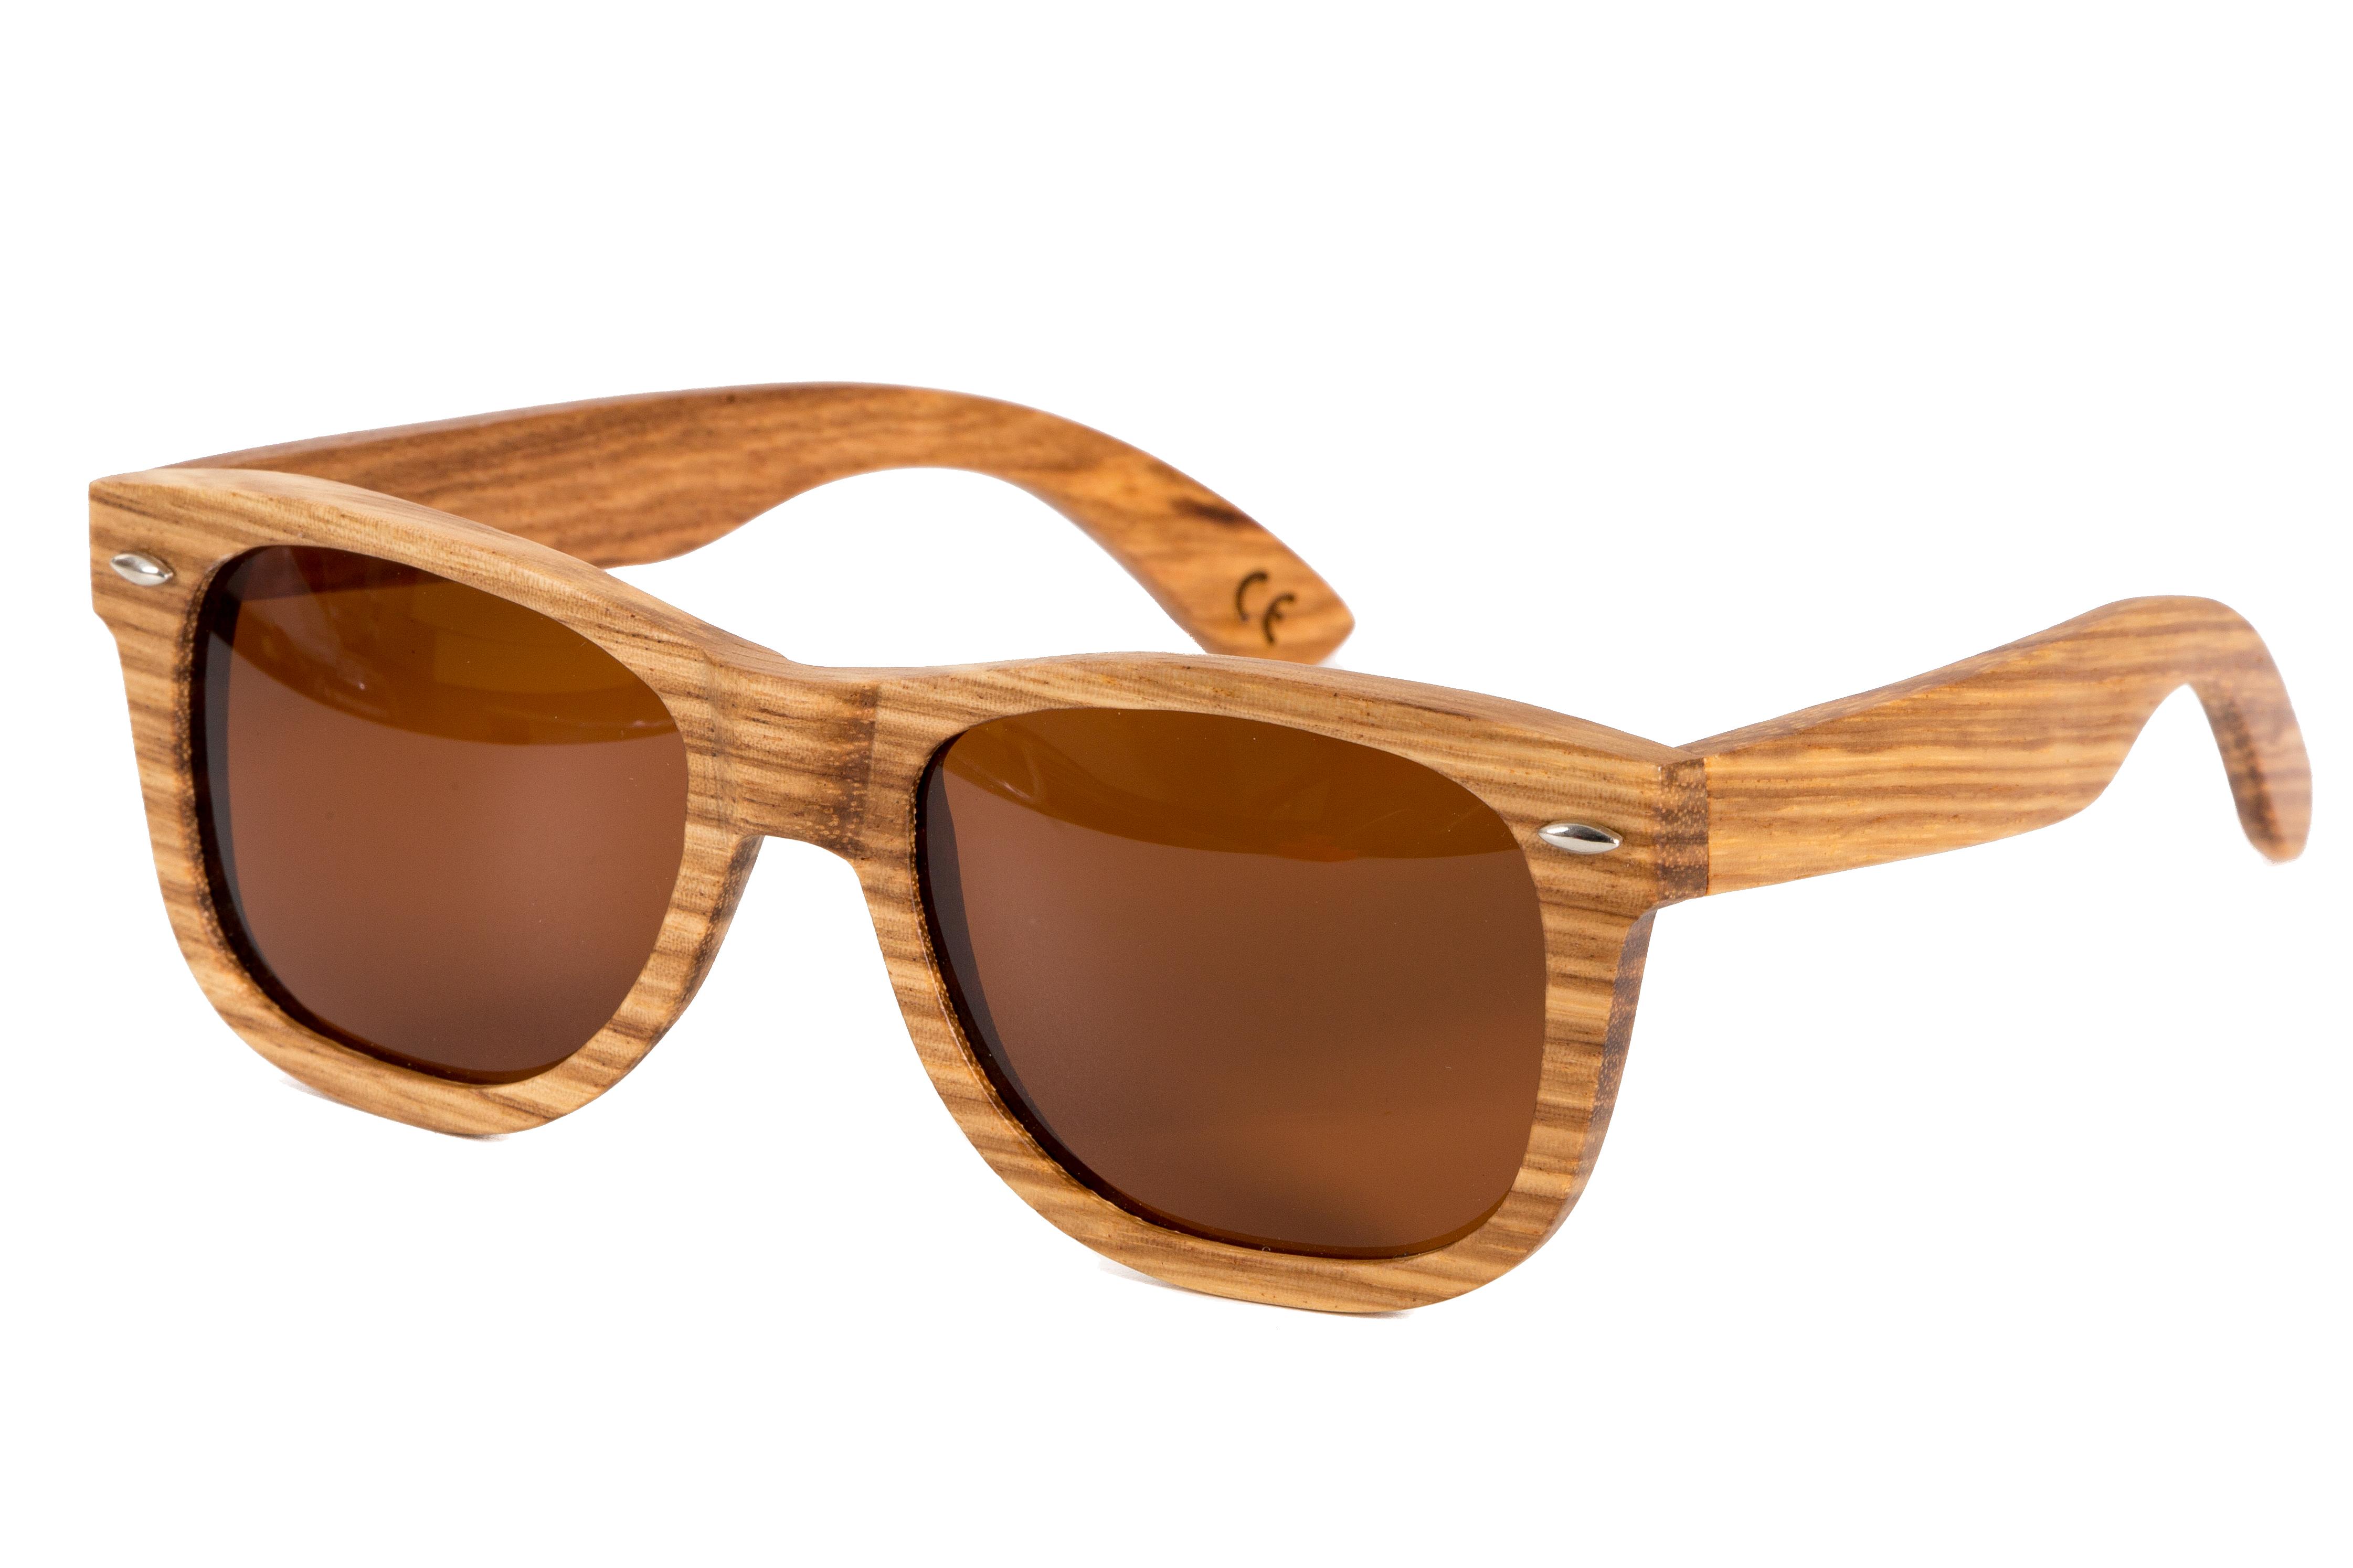 occhiali da sole in legno di olivo